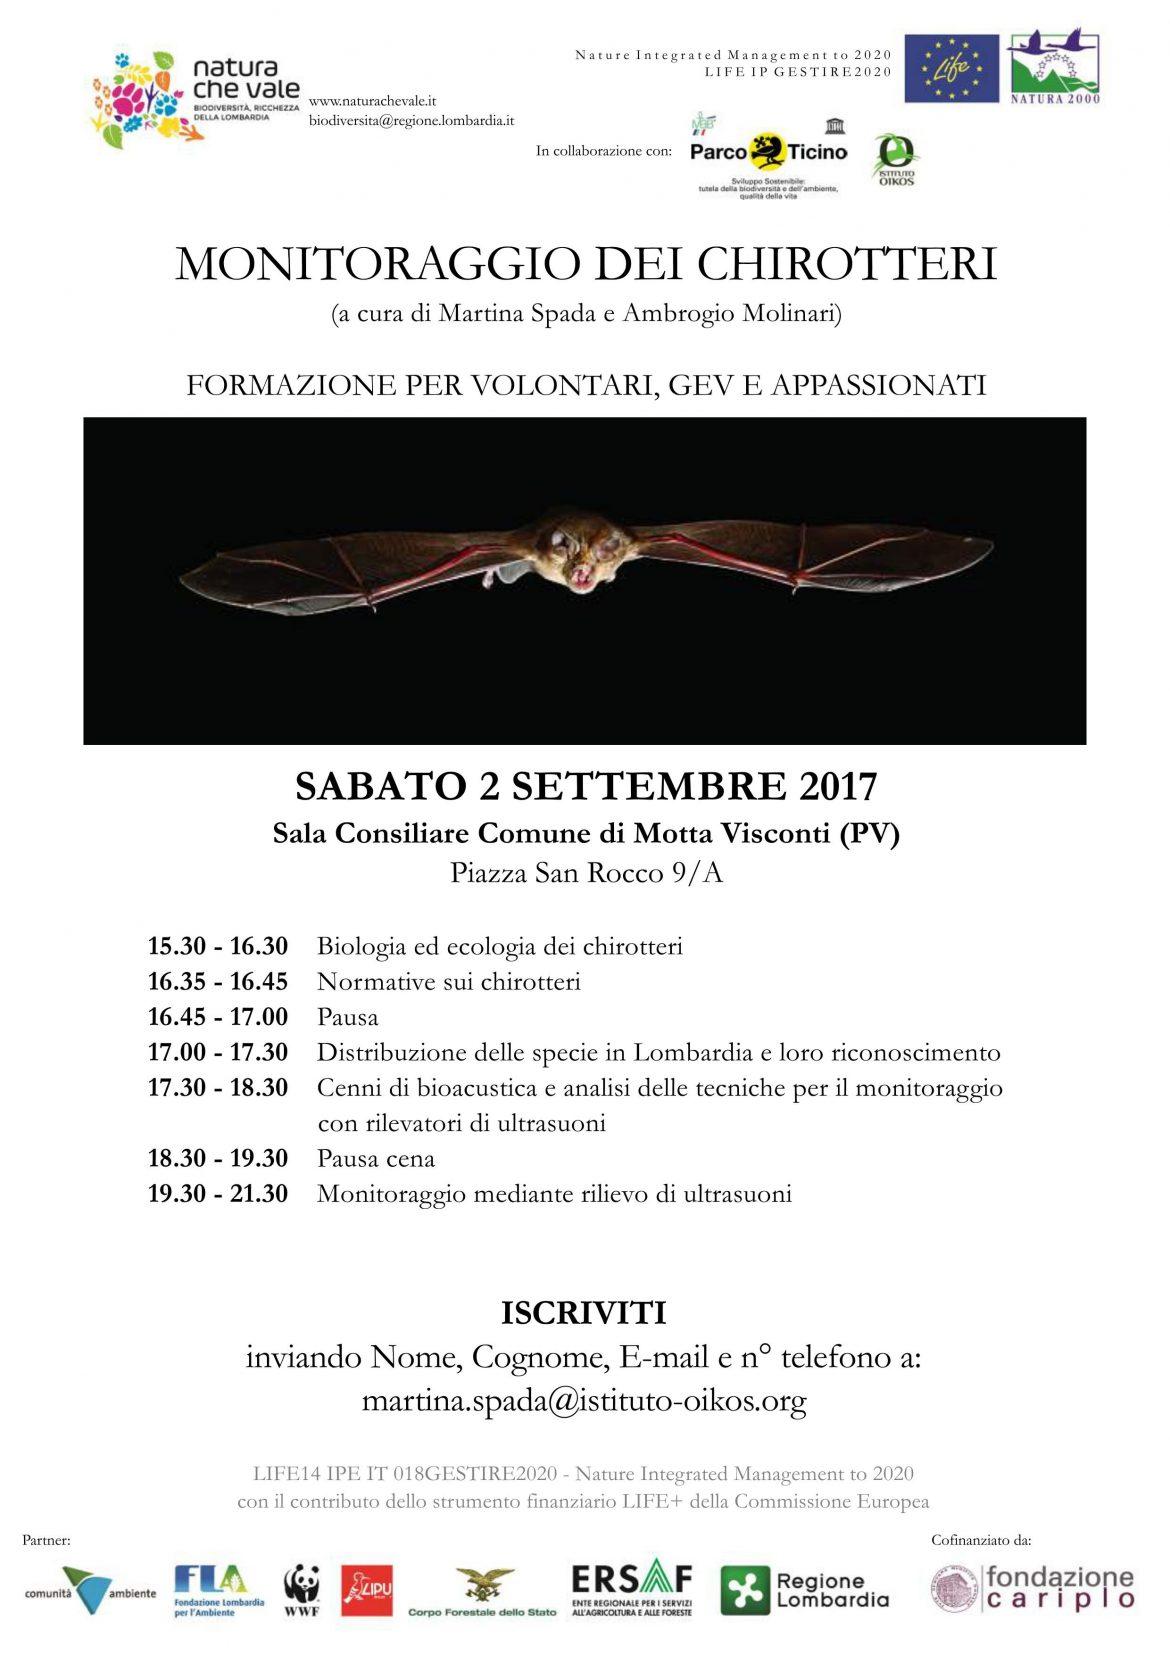 Monitoraggio-chirotteri-2-settembre-17.jpg